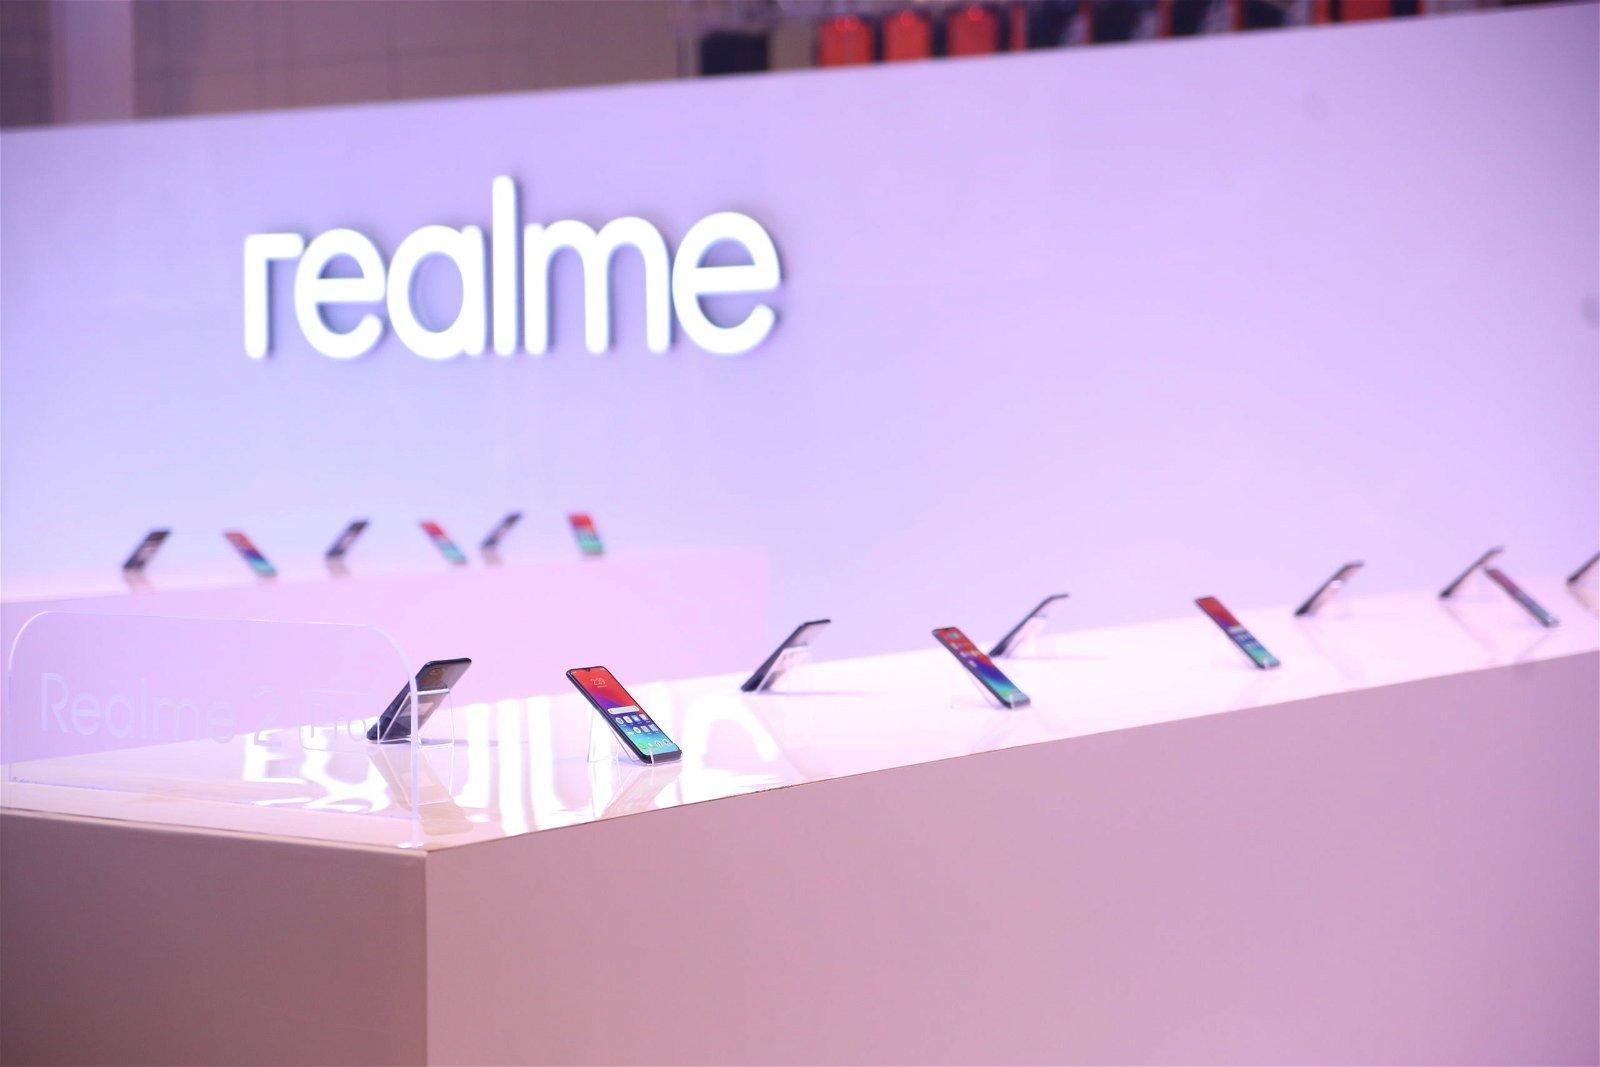 Realme Announces New Phones in Pakistan - Realme 2 Pro, Realme C1 4